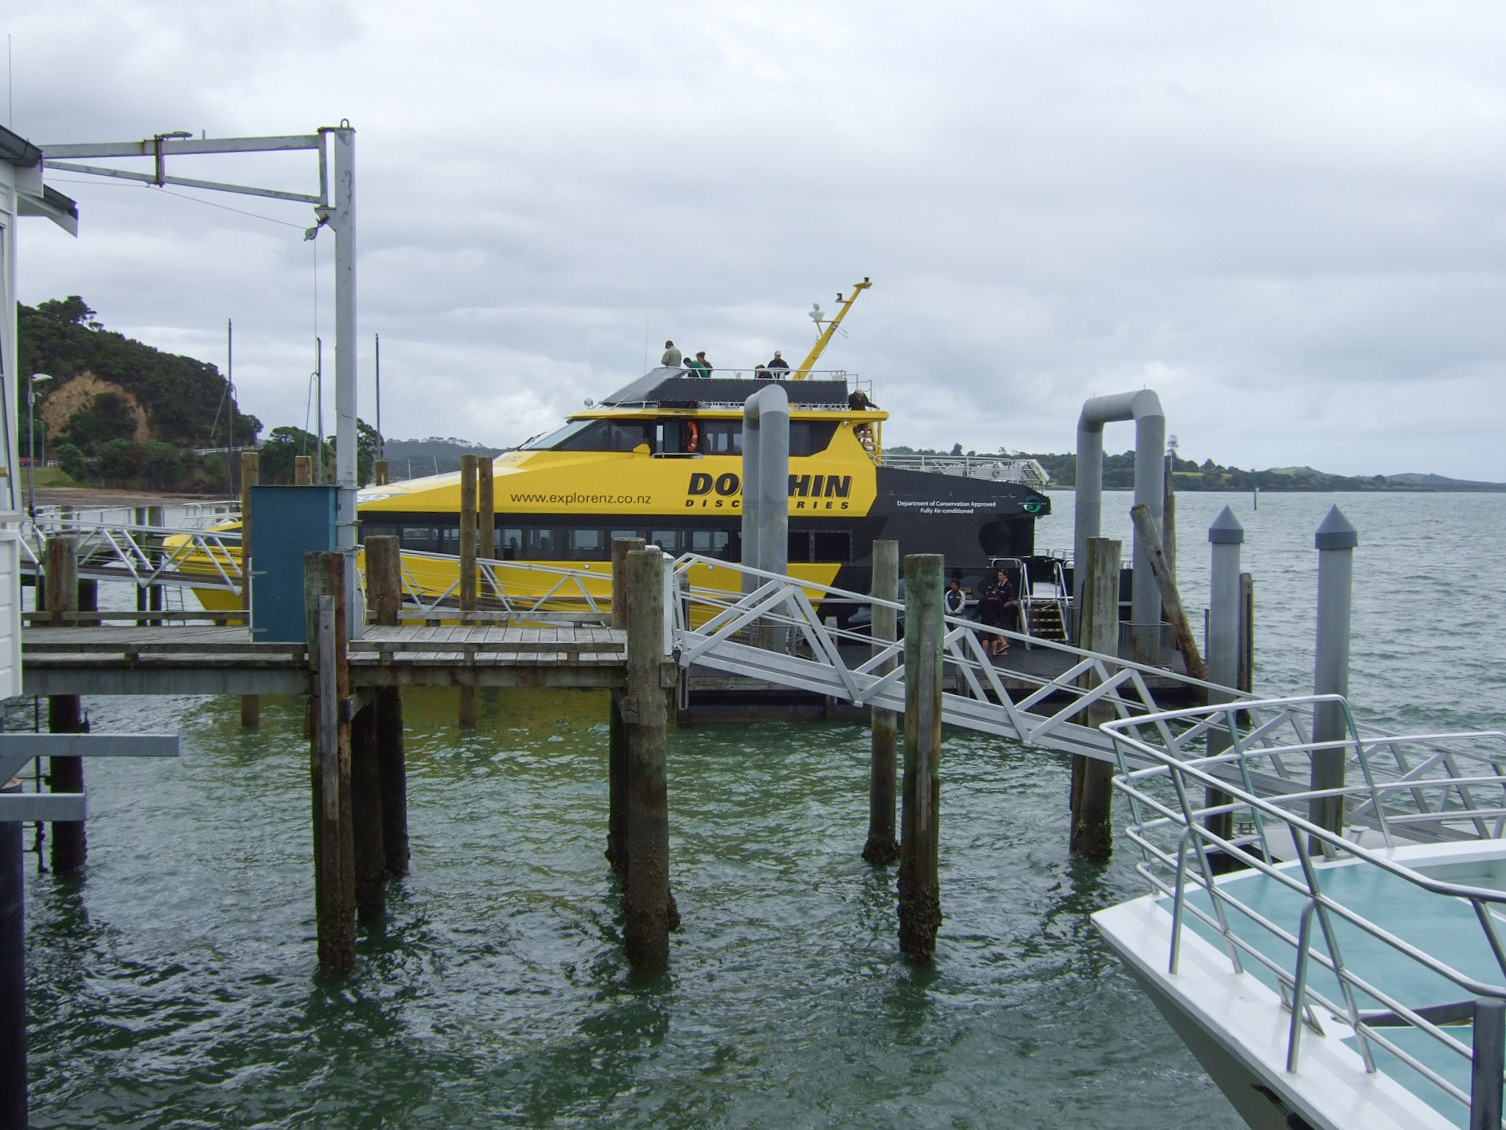 ボート,桟橋,パイヒア,NZ〈著作権フリー無料画像〉Free Stock Photos